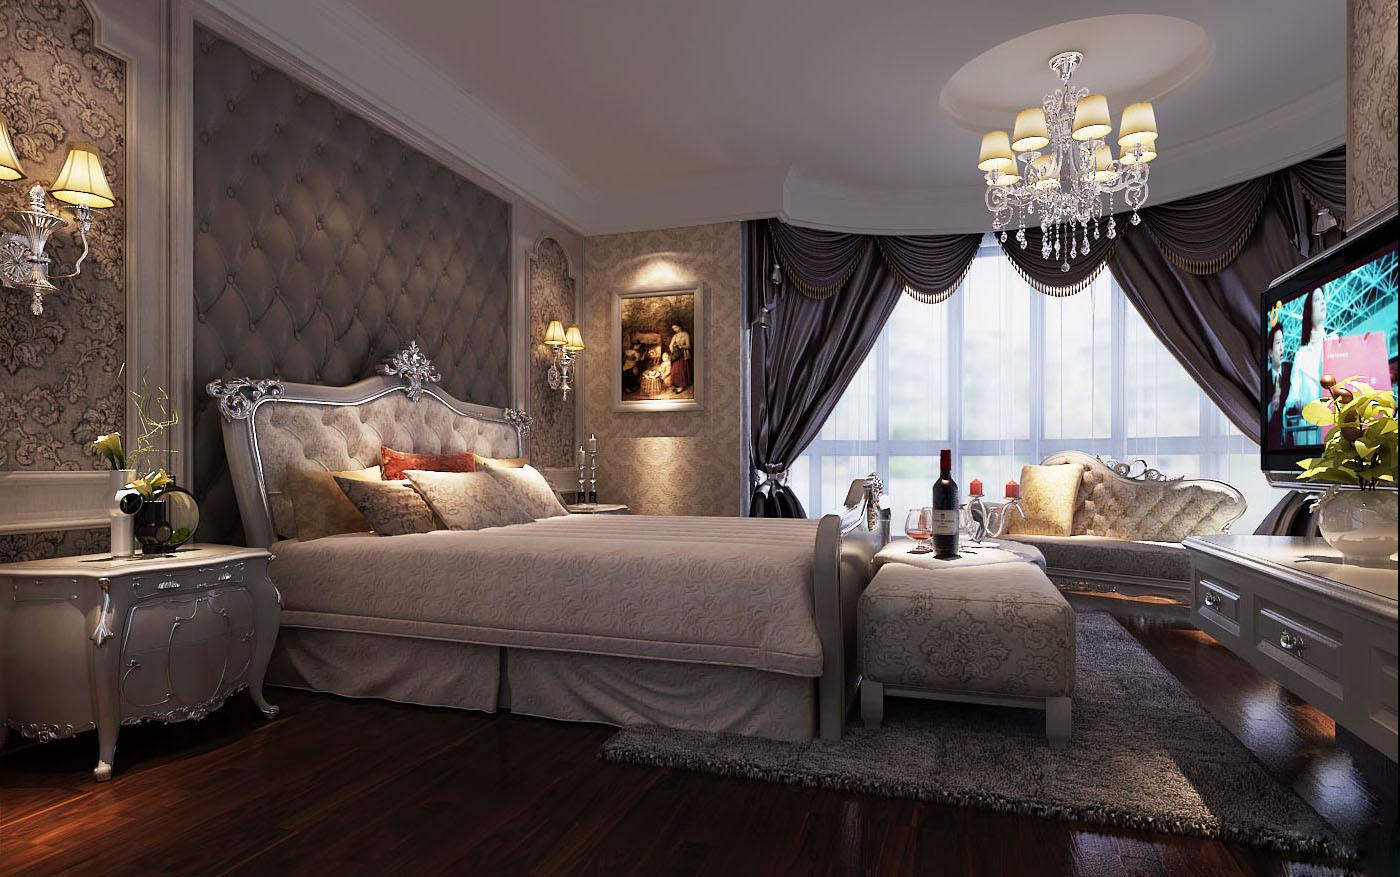 安家林自建别墅效果欧式风格装修效果图